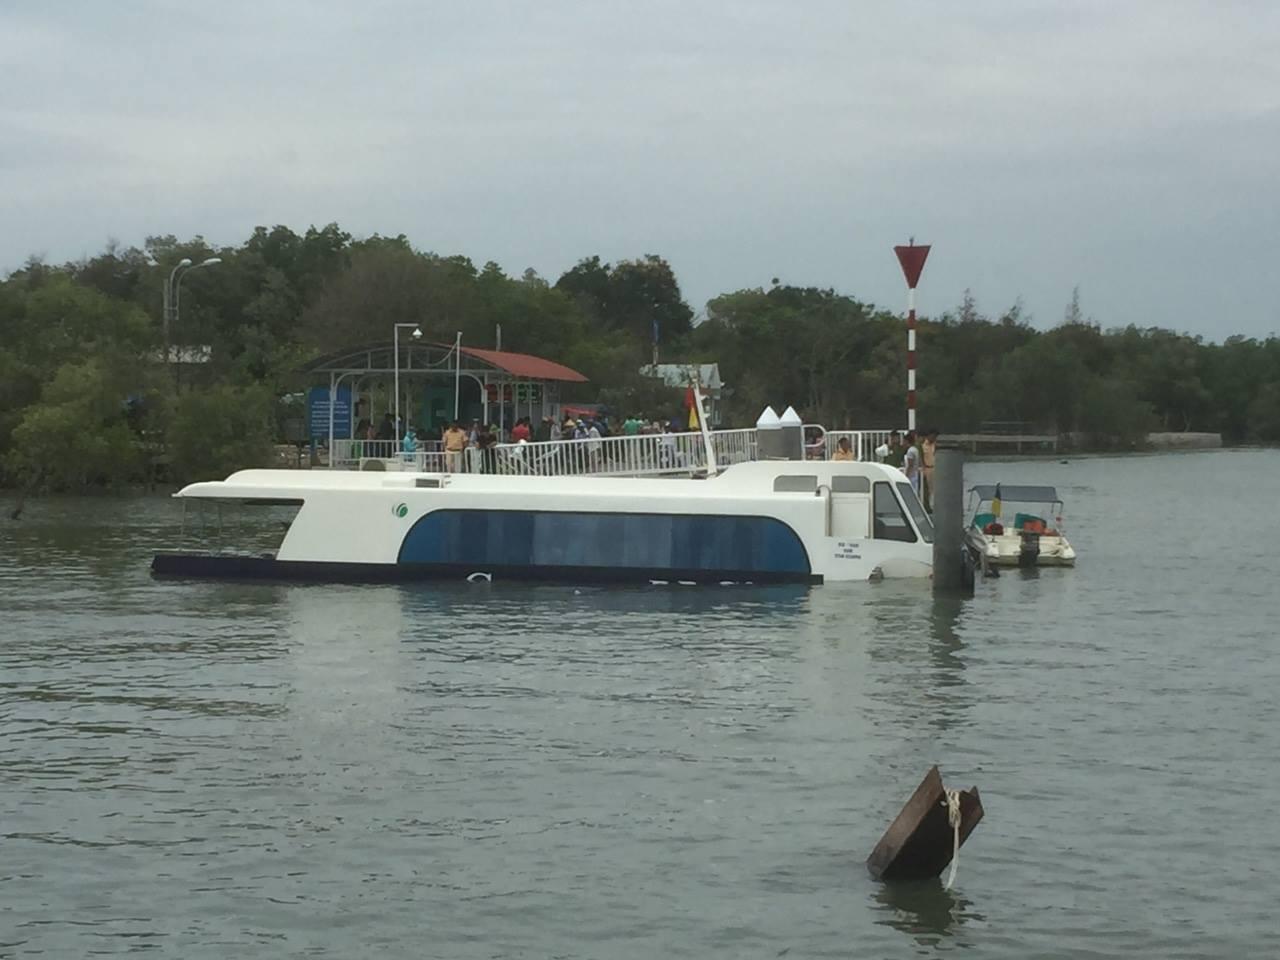 Tàu cao tốc chở 42 hành khách chìm ở biển Cần Giờ, nhiều người gào khóc - 1